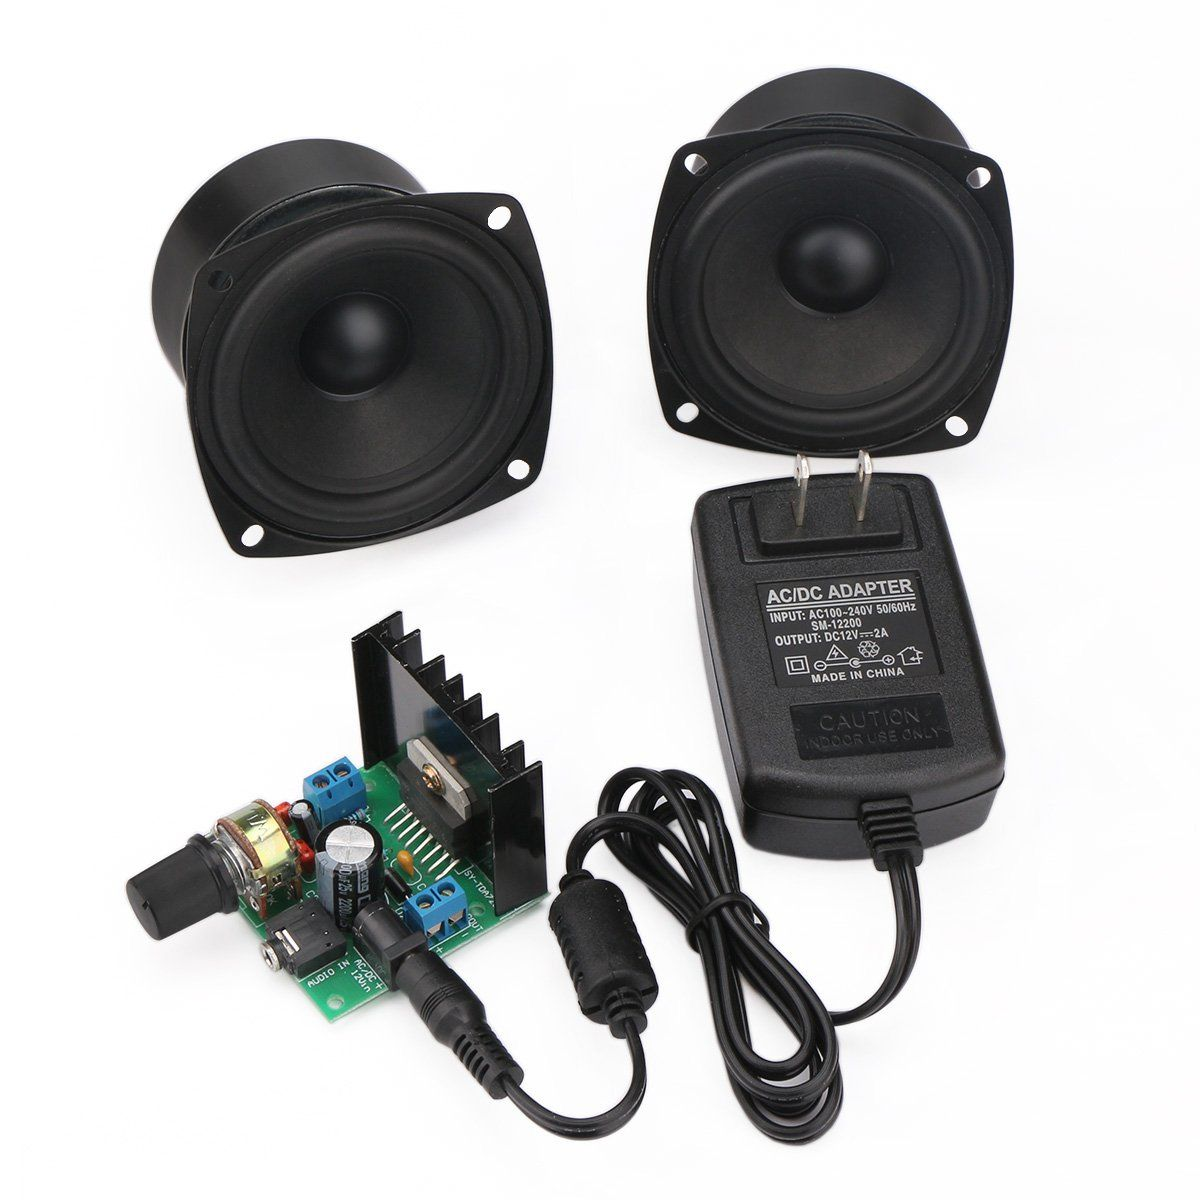 Drok mini ampli board 6v to 18v portable stereo amplifier